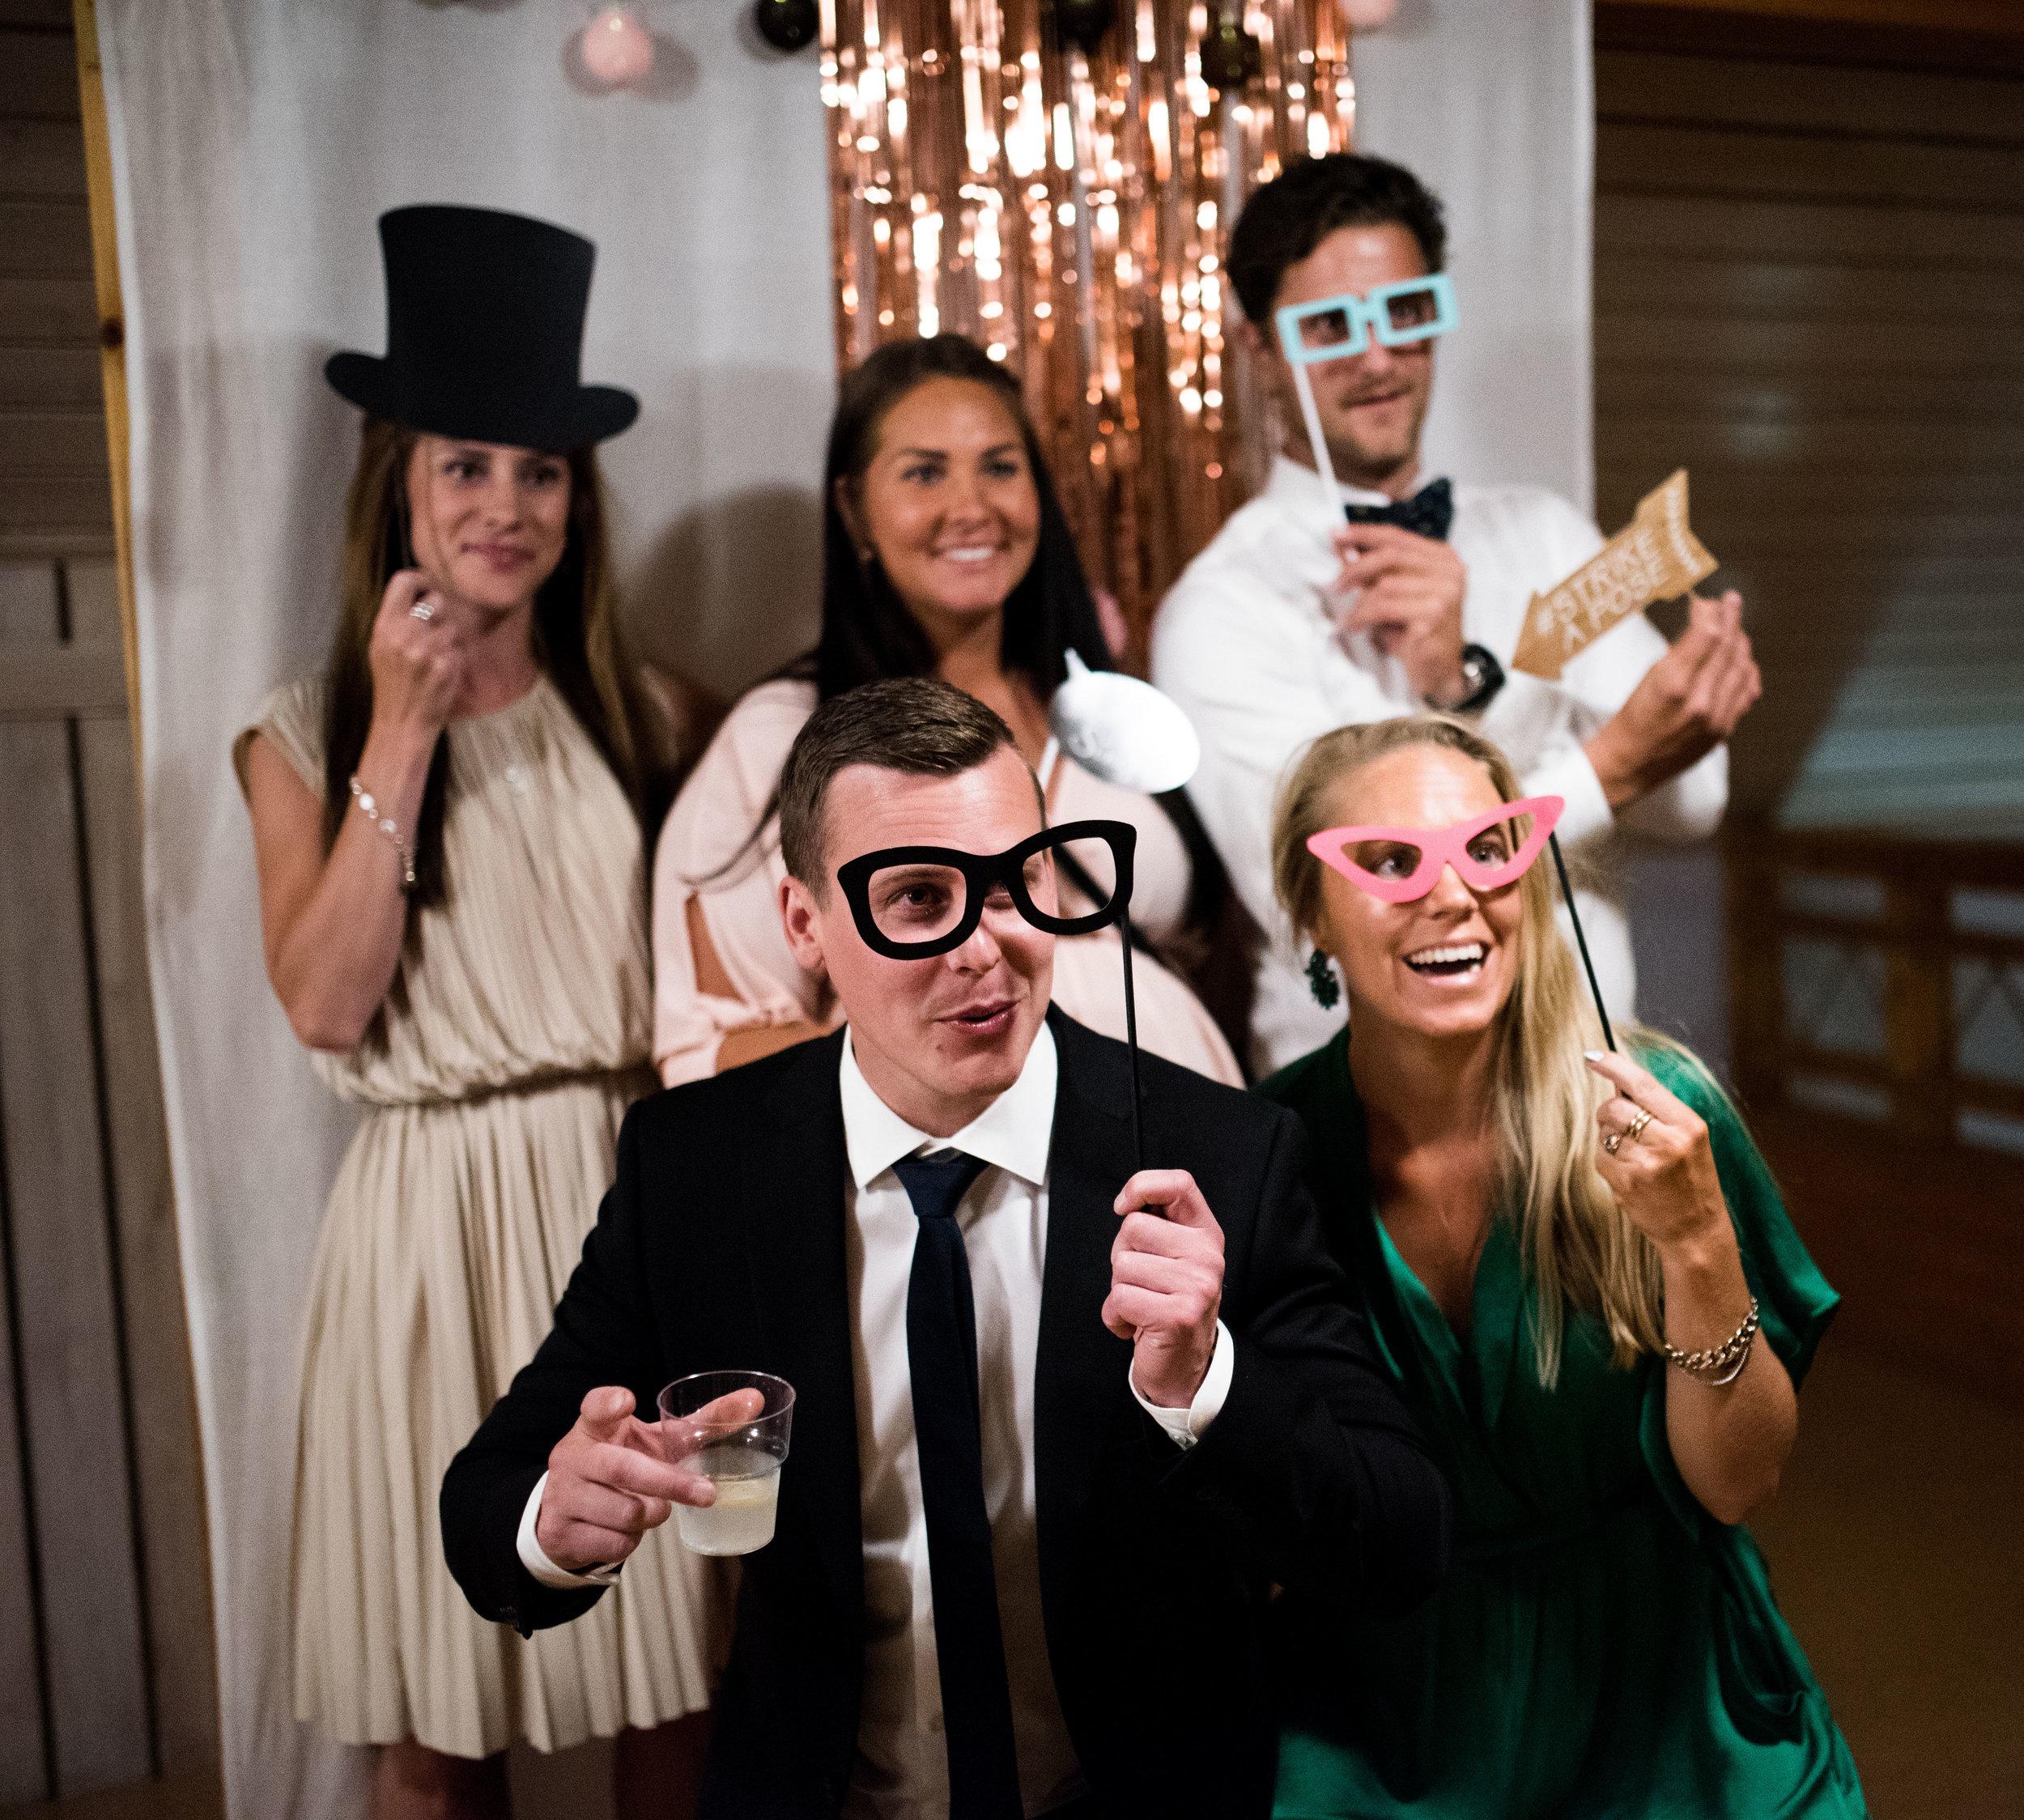 Bröllop2019lågkvall2-6465.jpg